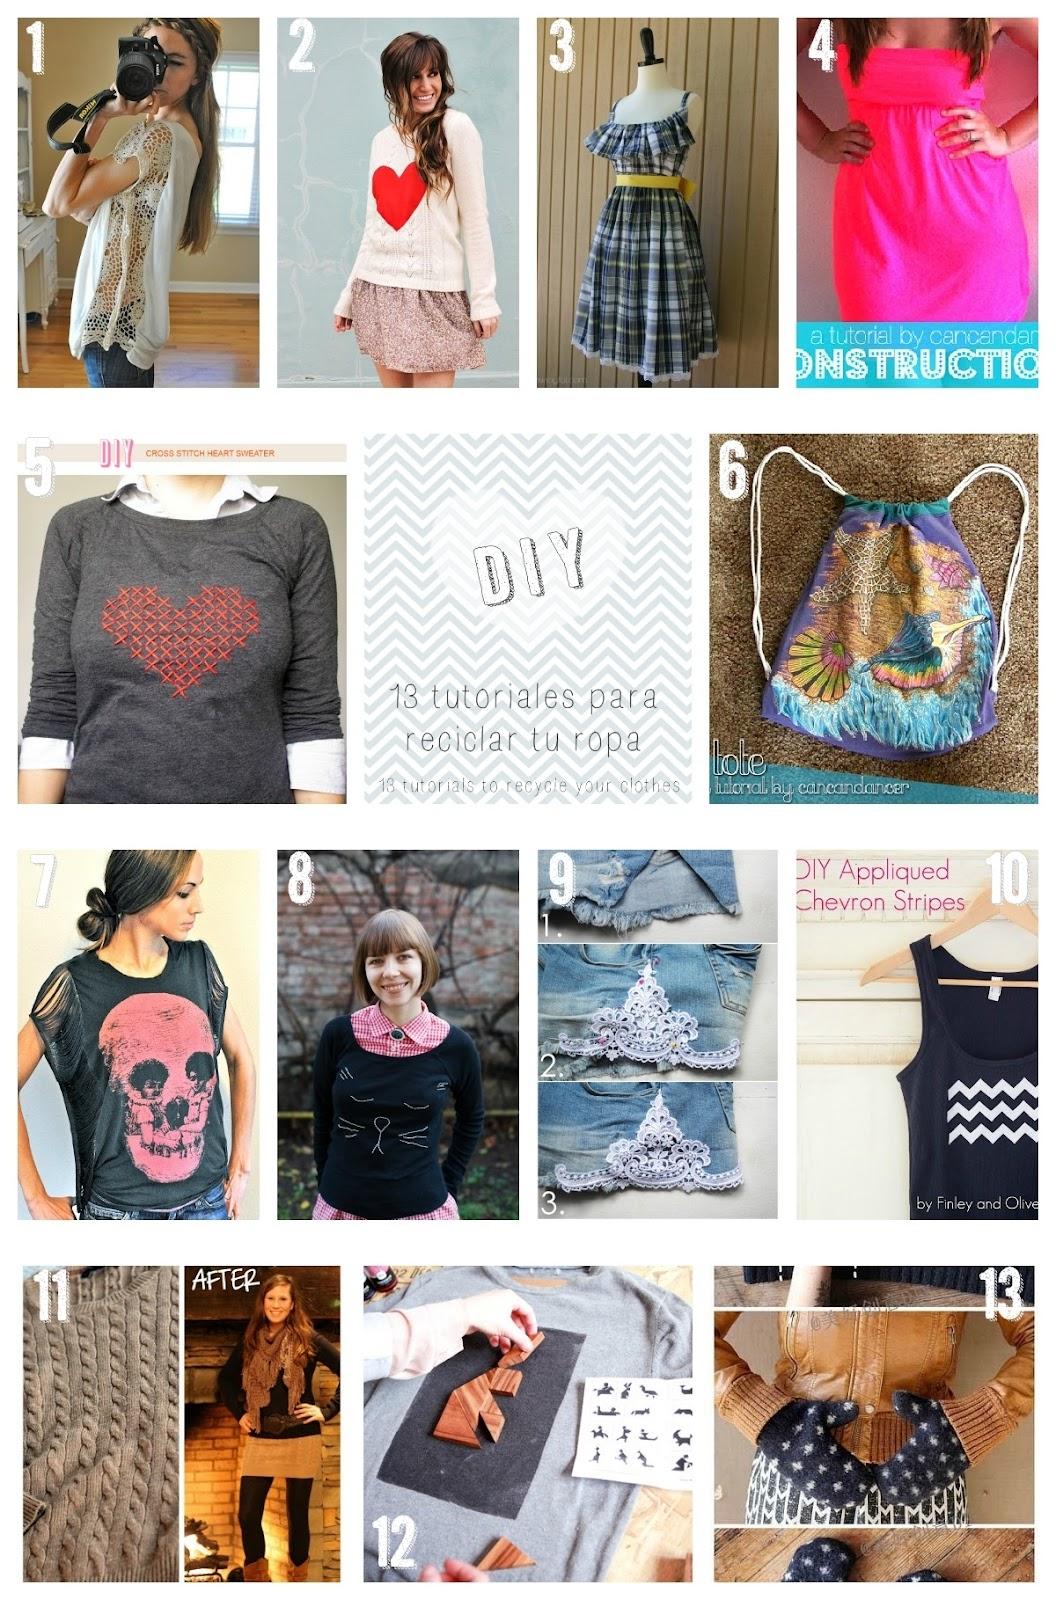 Las cosas de may diy manualidades 13 tutoriales para que - Reciclar ropa manualidades ...